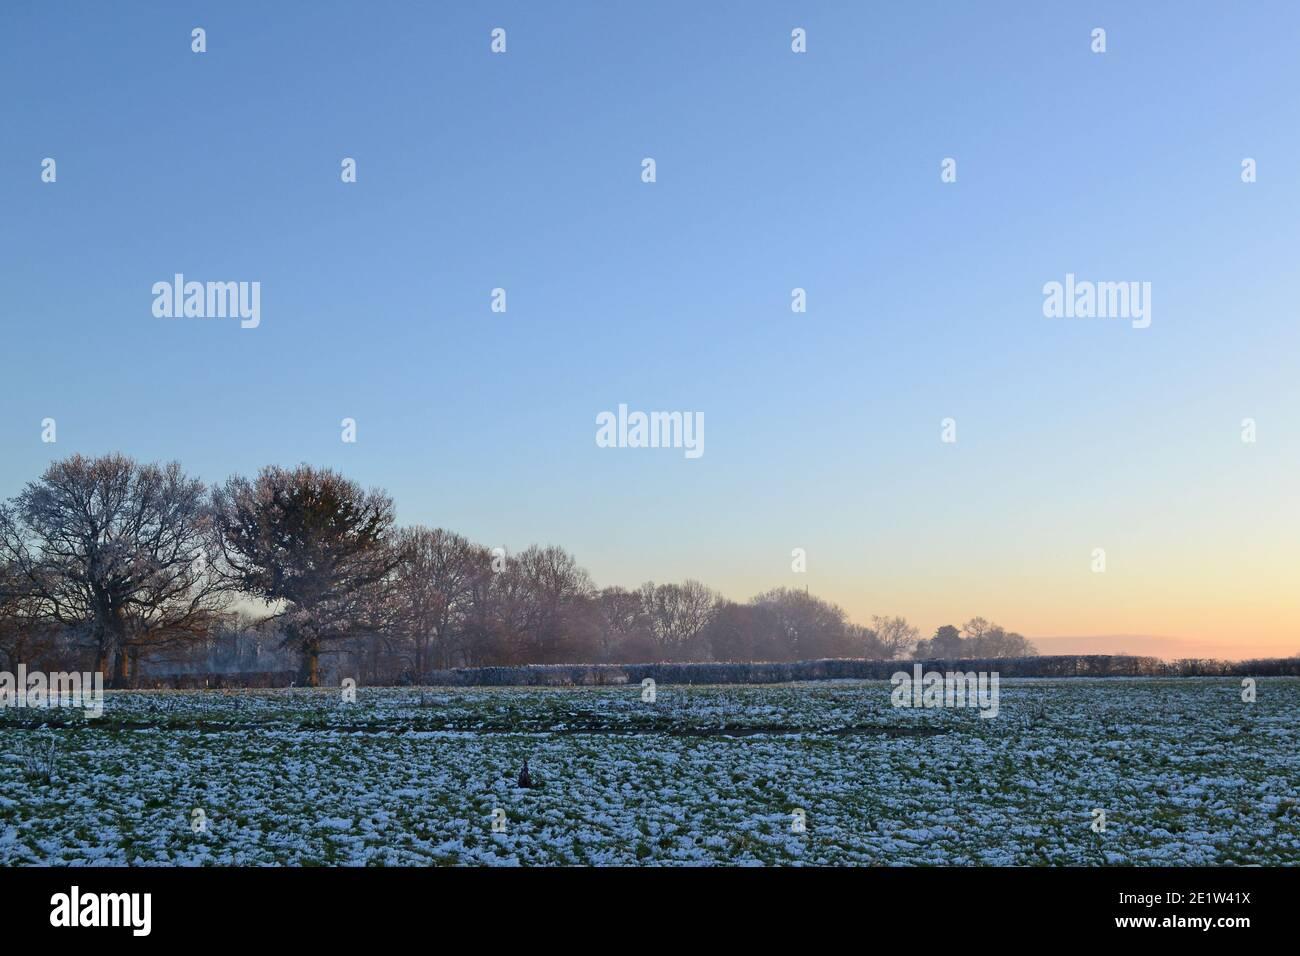 Fackenden Down, en Kent, cerca de Sevenoaks, en nieve y heladas en enero de 2021 a última hora de la tarde. Árboles helados, vistas brumosas, ramas escarchadas, carretera helada Foto de stock